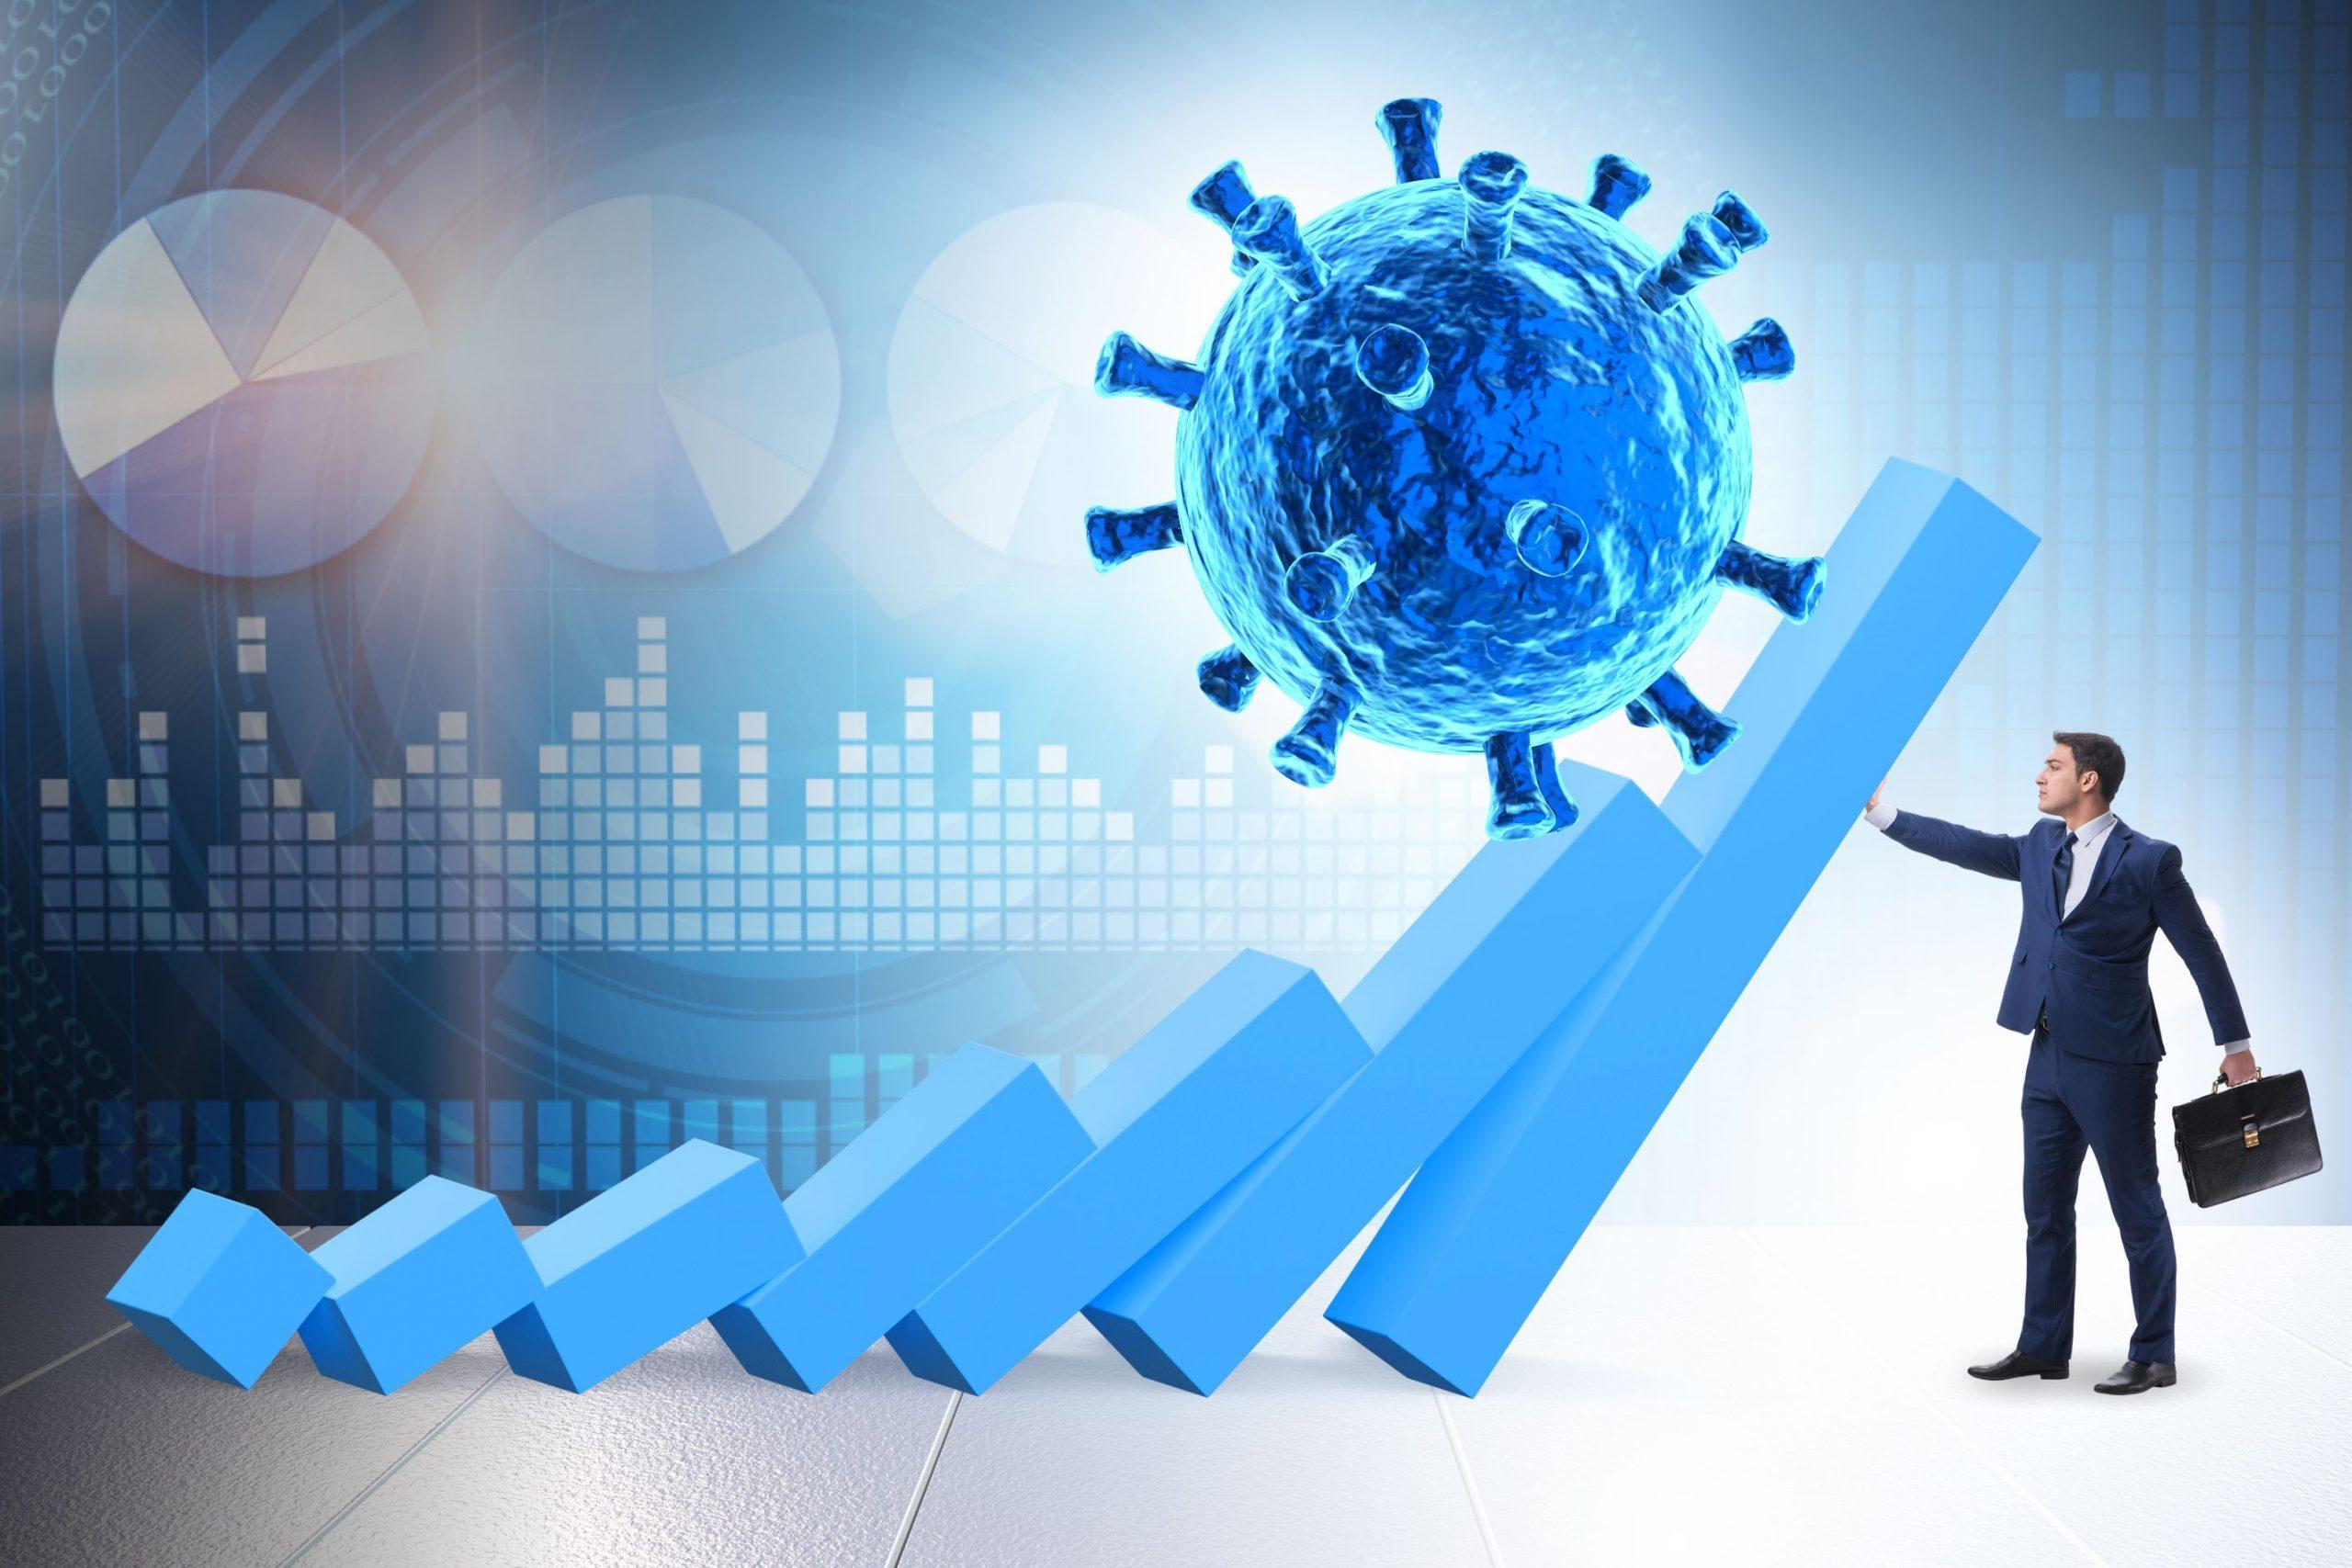 previsions faillites entreprises quebec pandemie